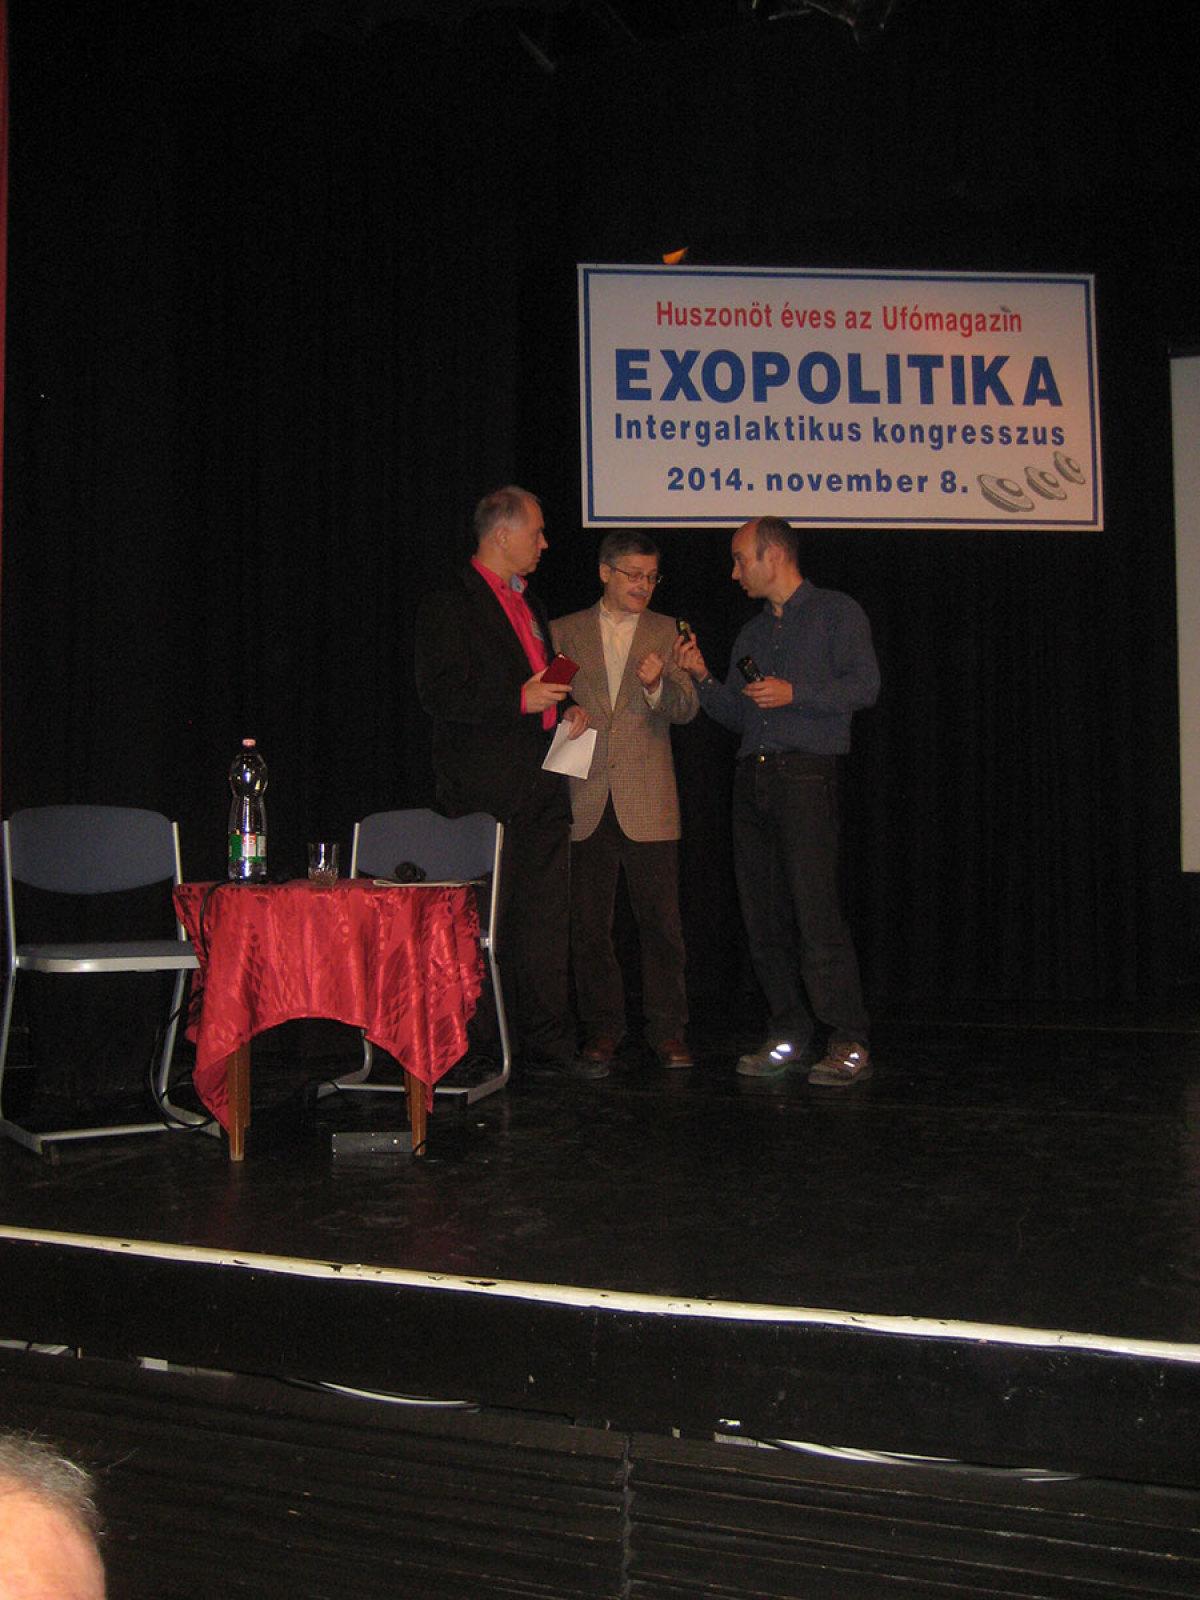 Přednáška v Budapešti